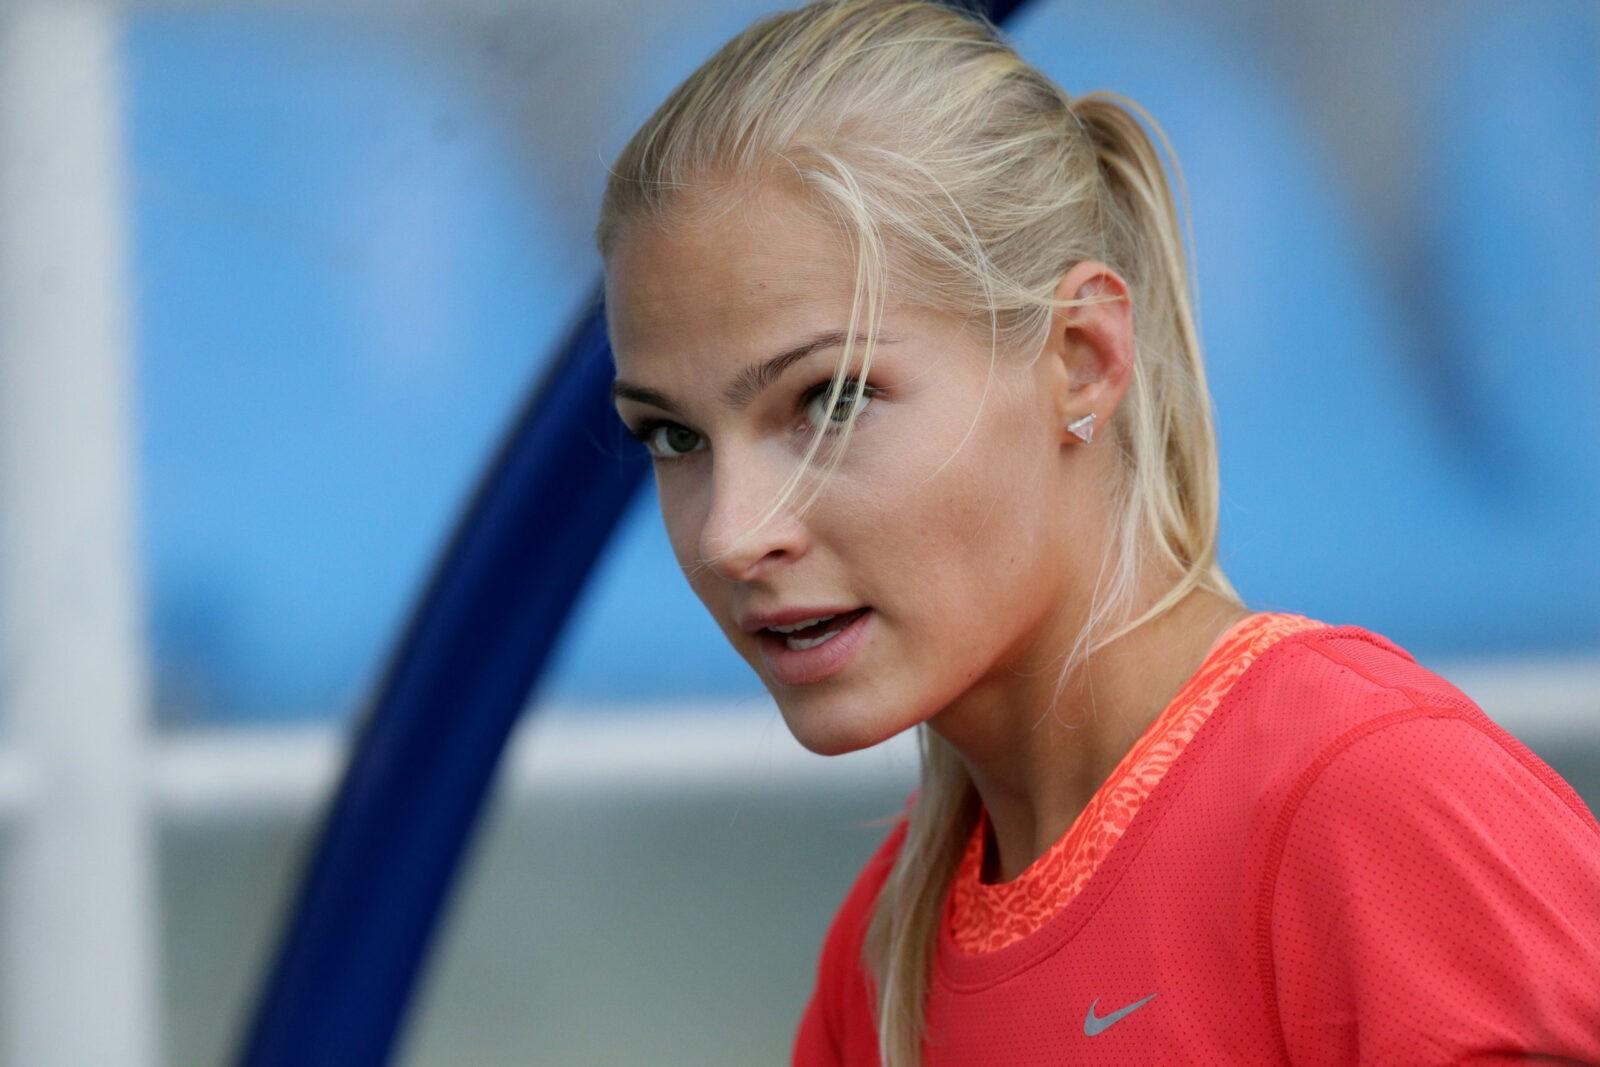 Известная спортсменка из Твери Дарья Клишина рассказала, сколько денег нужно в месяц для нормальной жизни